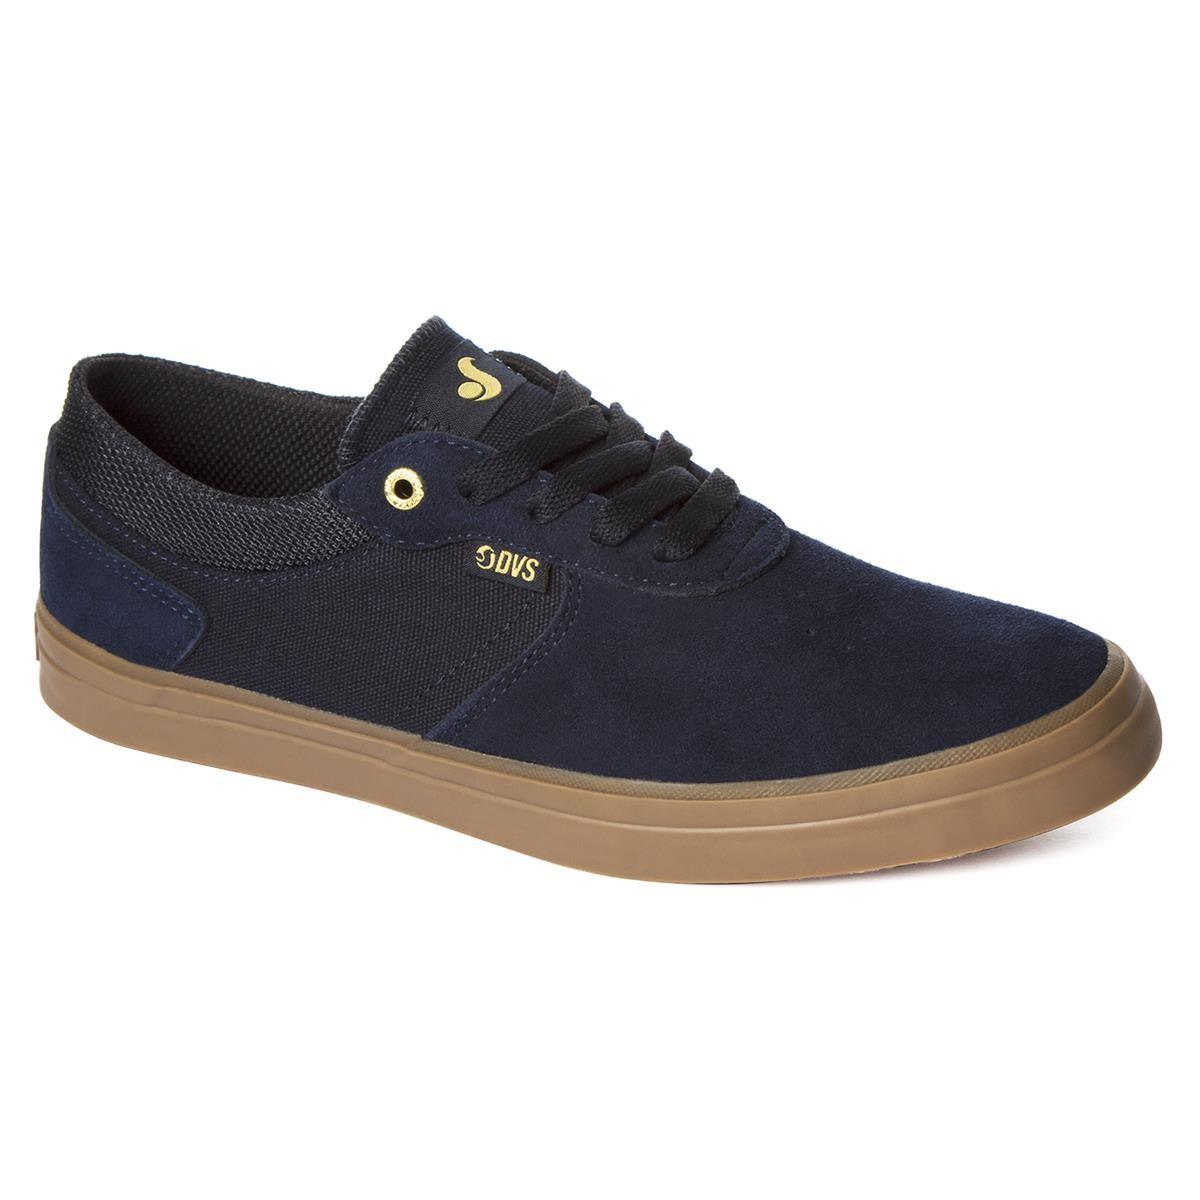 Axion Skate Shoes Uk